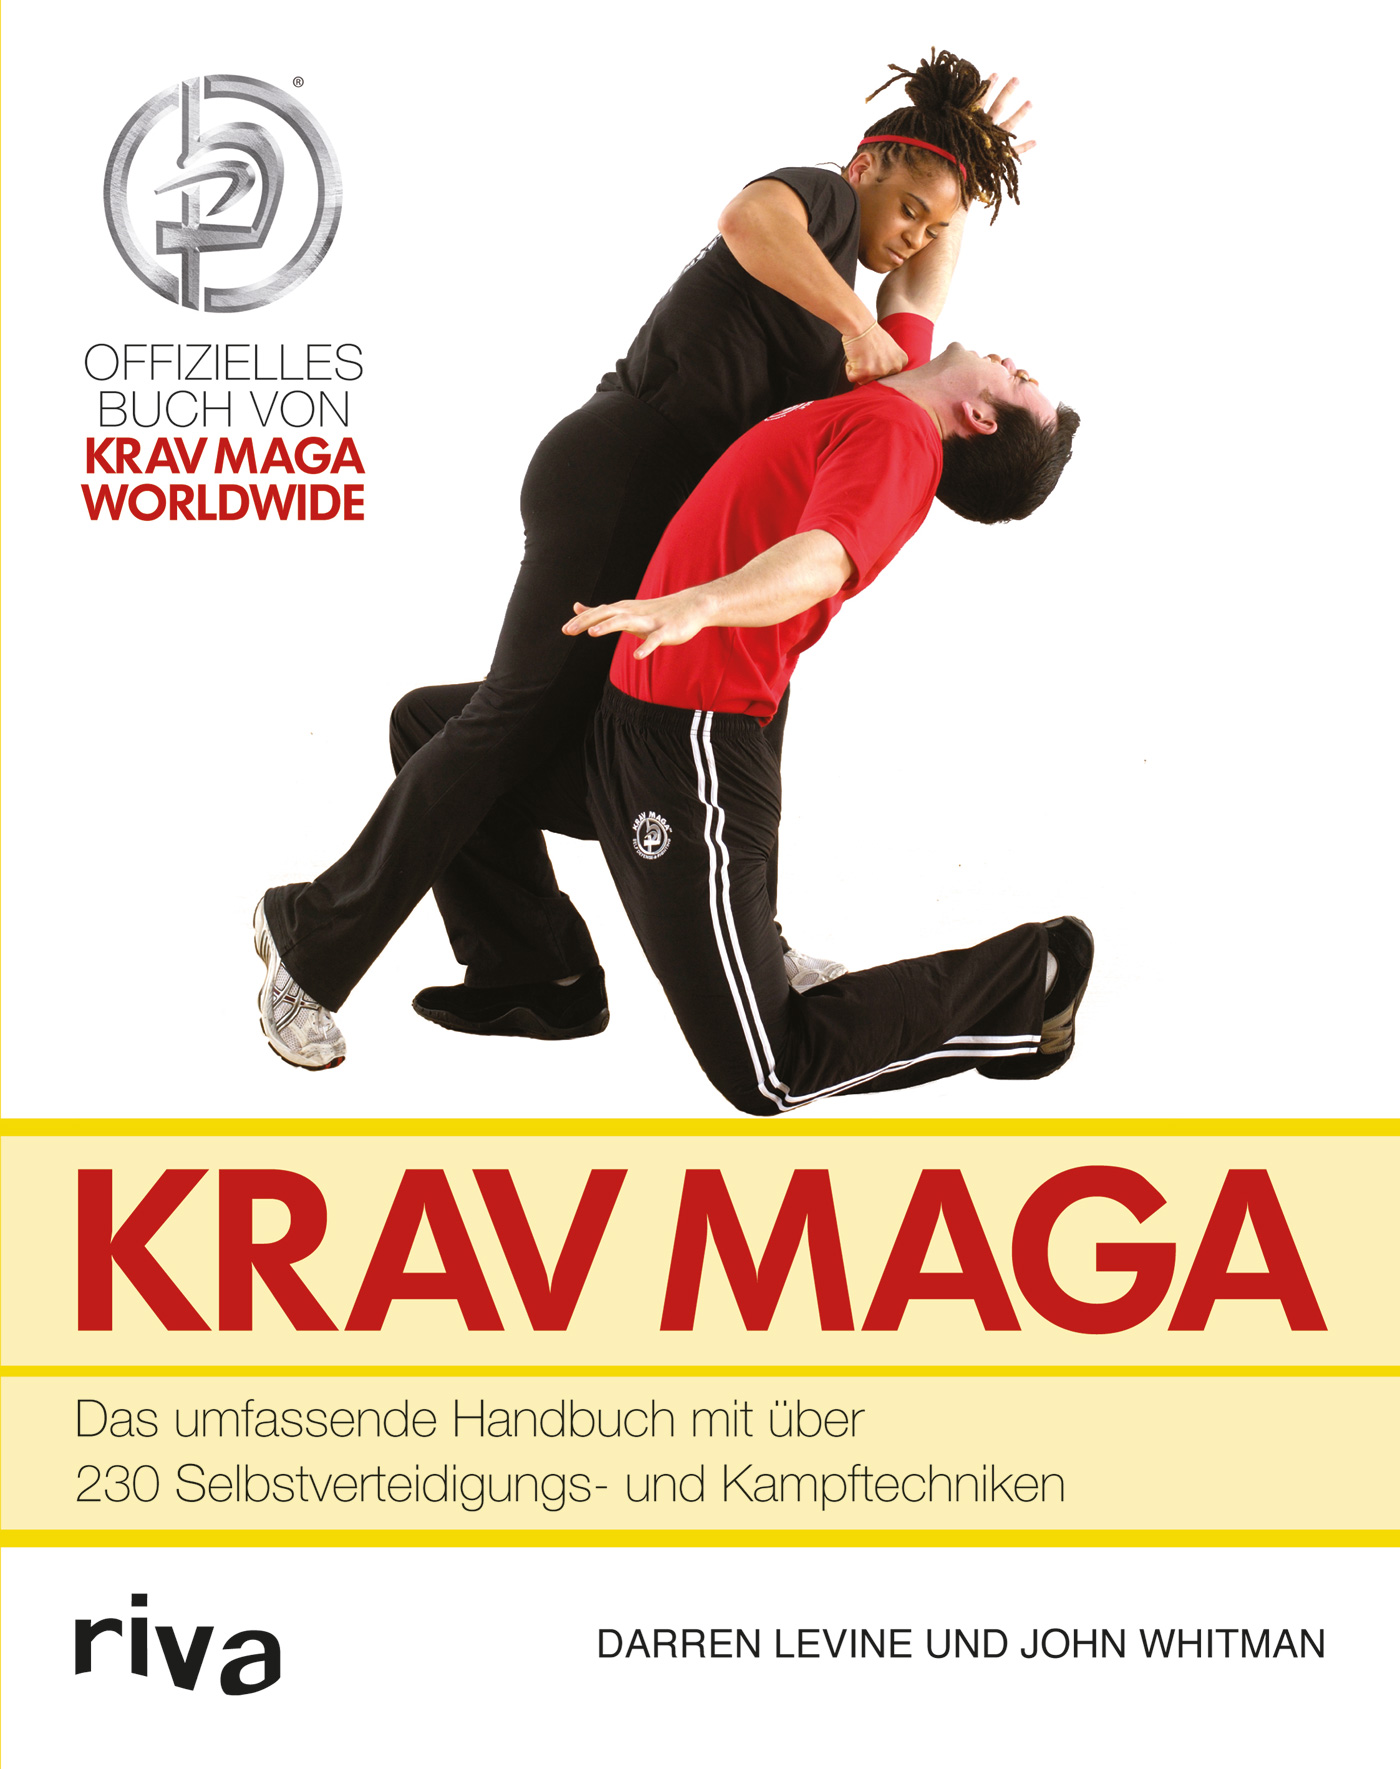 Krav Maga: Das umfassende Handbuch mit über 230 Selbstverteidigungs- und Kampftechniken - Darren Levine